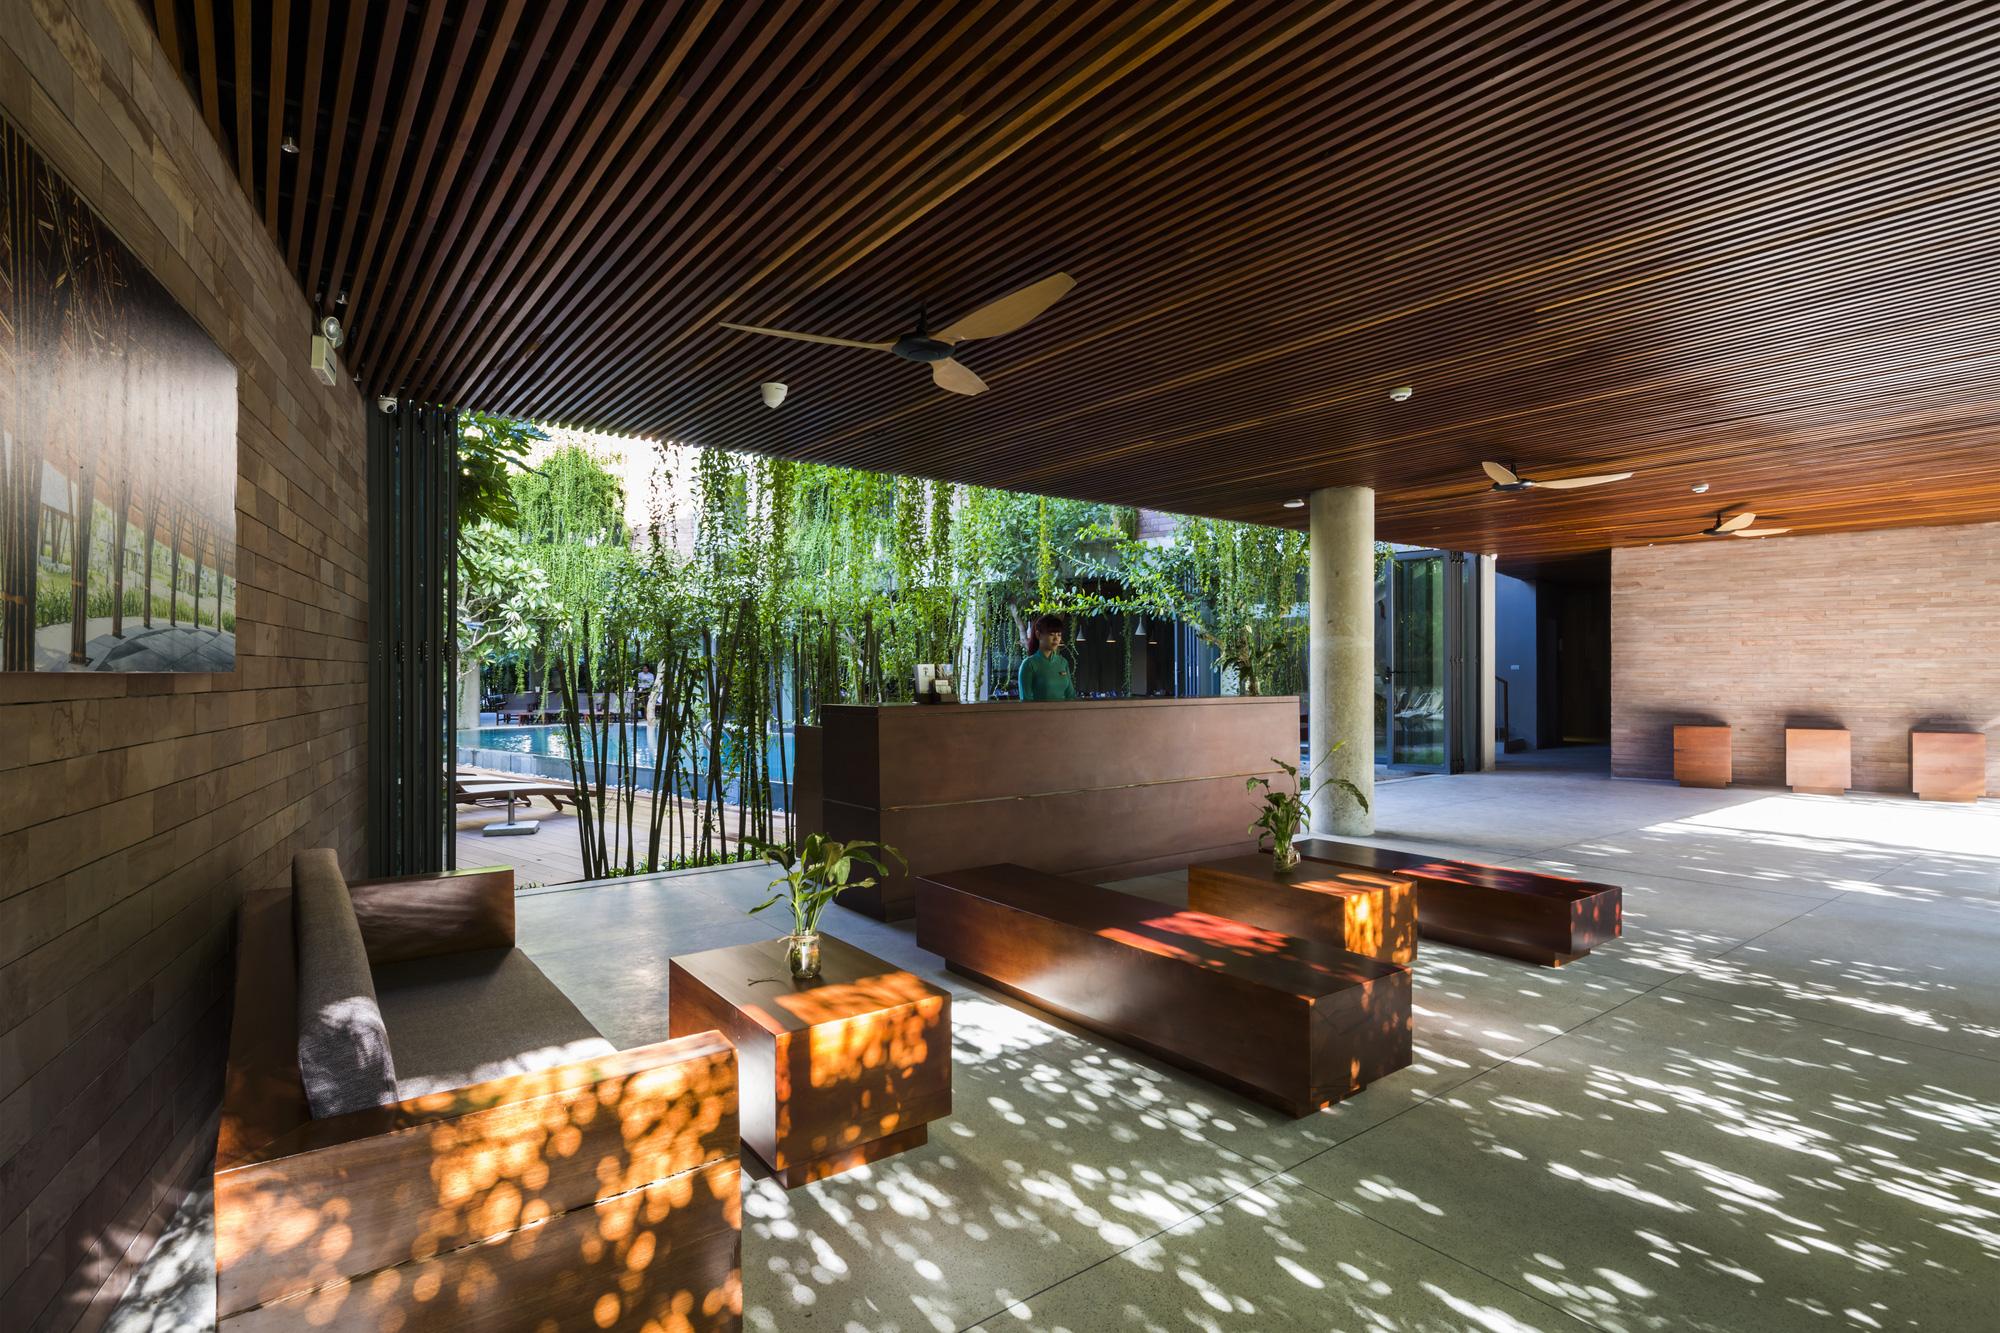 Tòa nhà 5 tầng 'siêu độc' phủ kín cây xanh ở Đà Nẵng, được báo Tây hết lời khen ngợi - Ảnh 8.